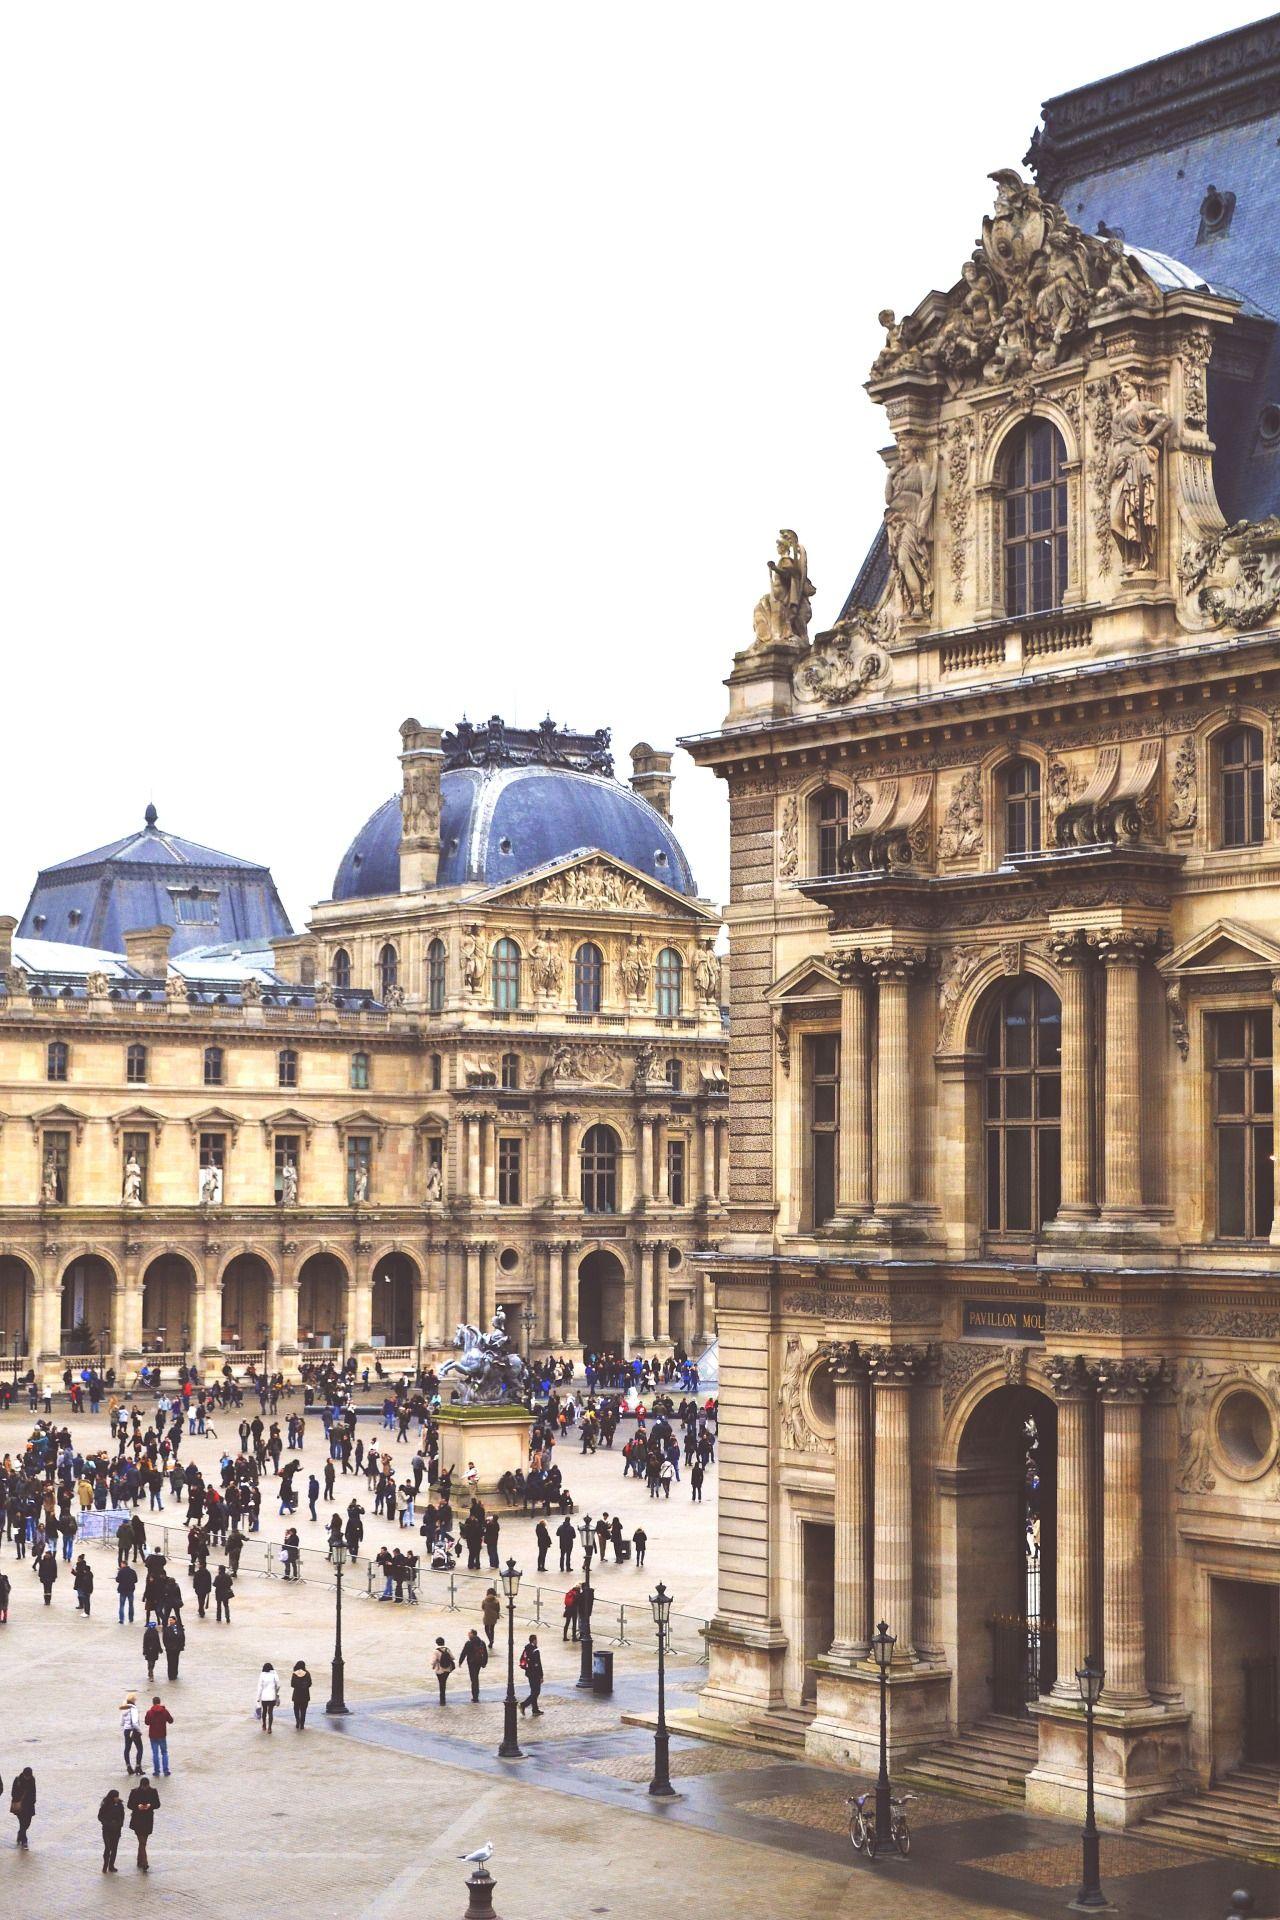 """"""" Musée du Louvre in Paris, France """""""